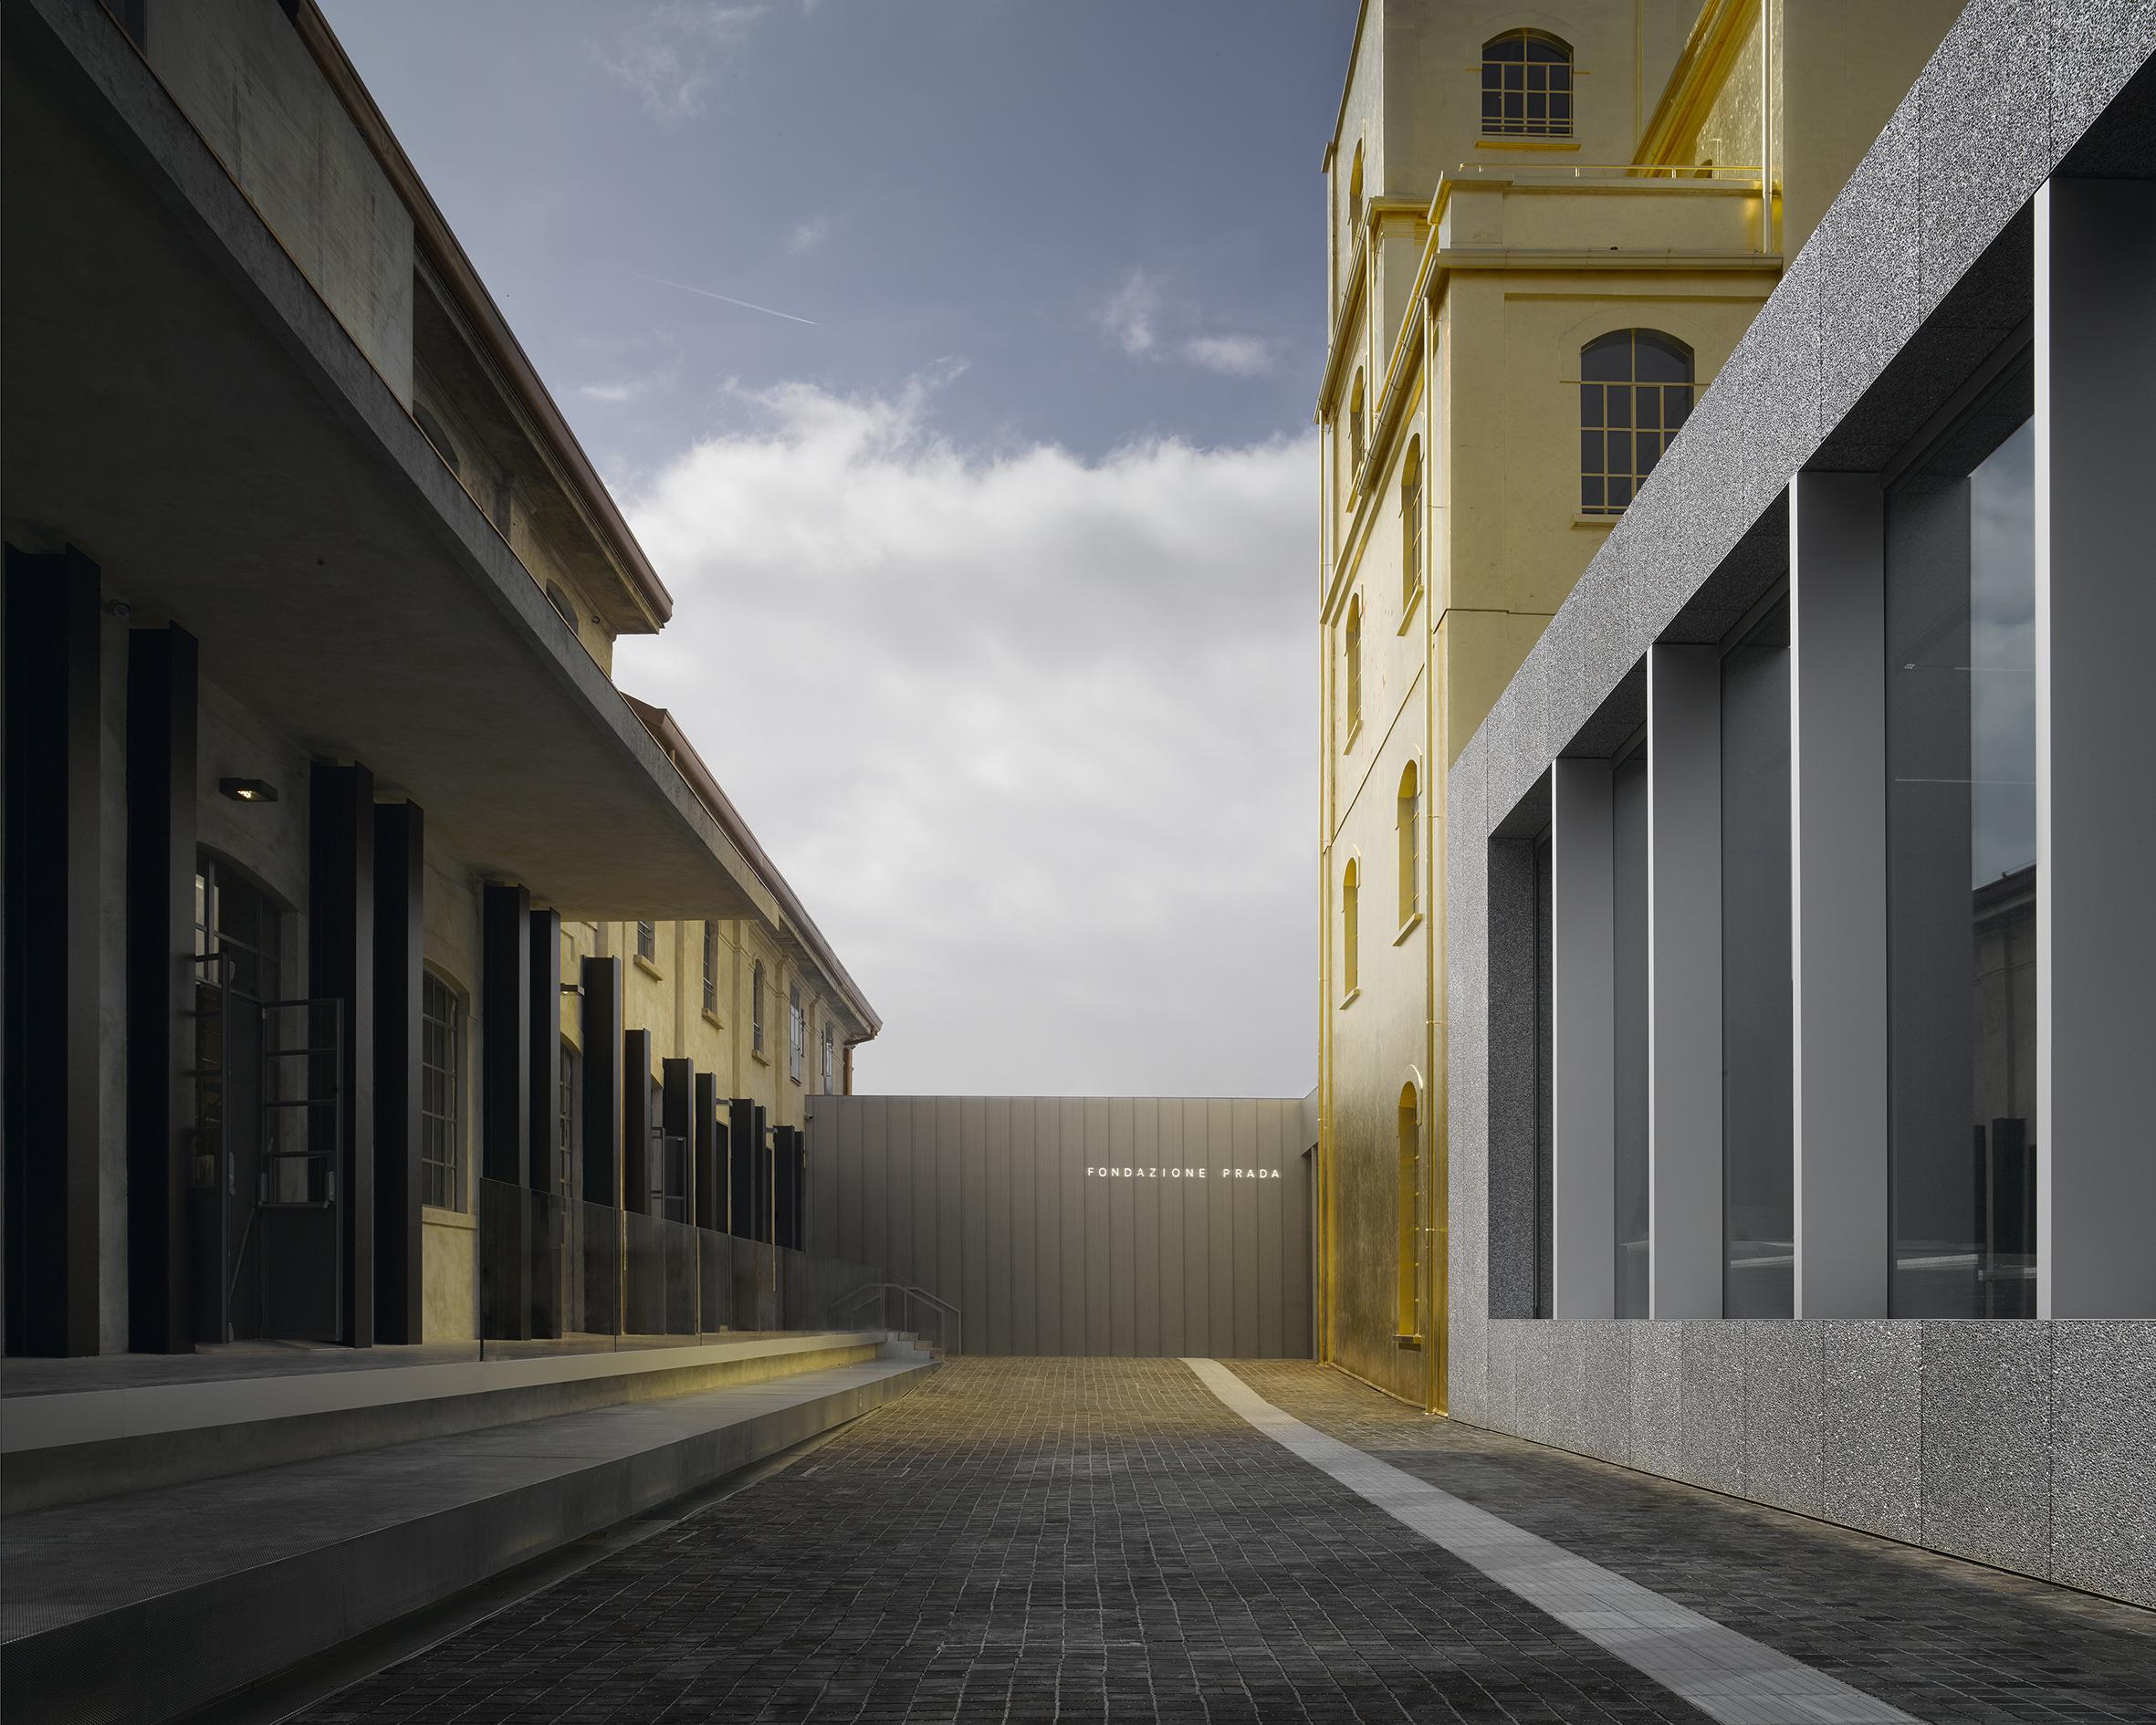 The Fondazione Prada.